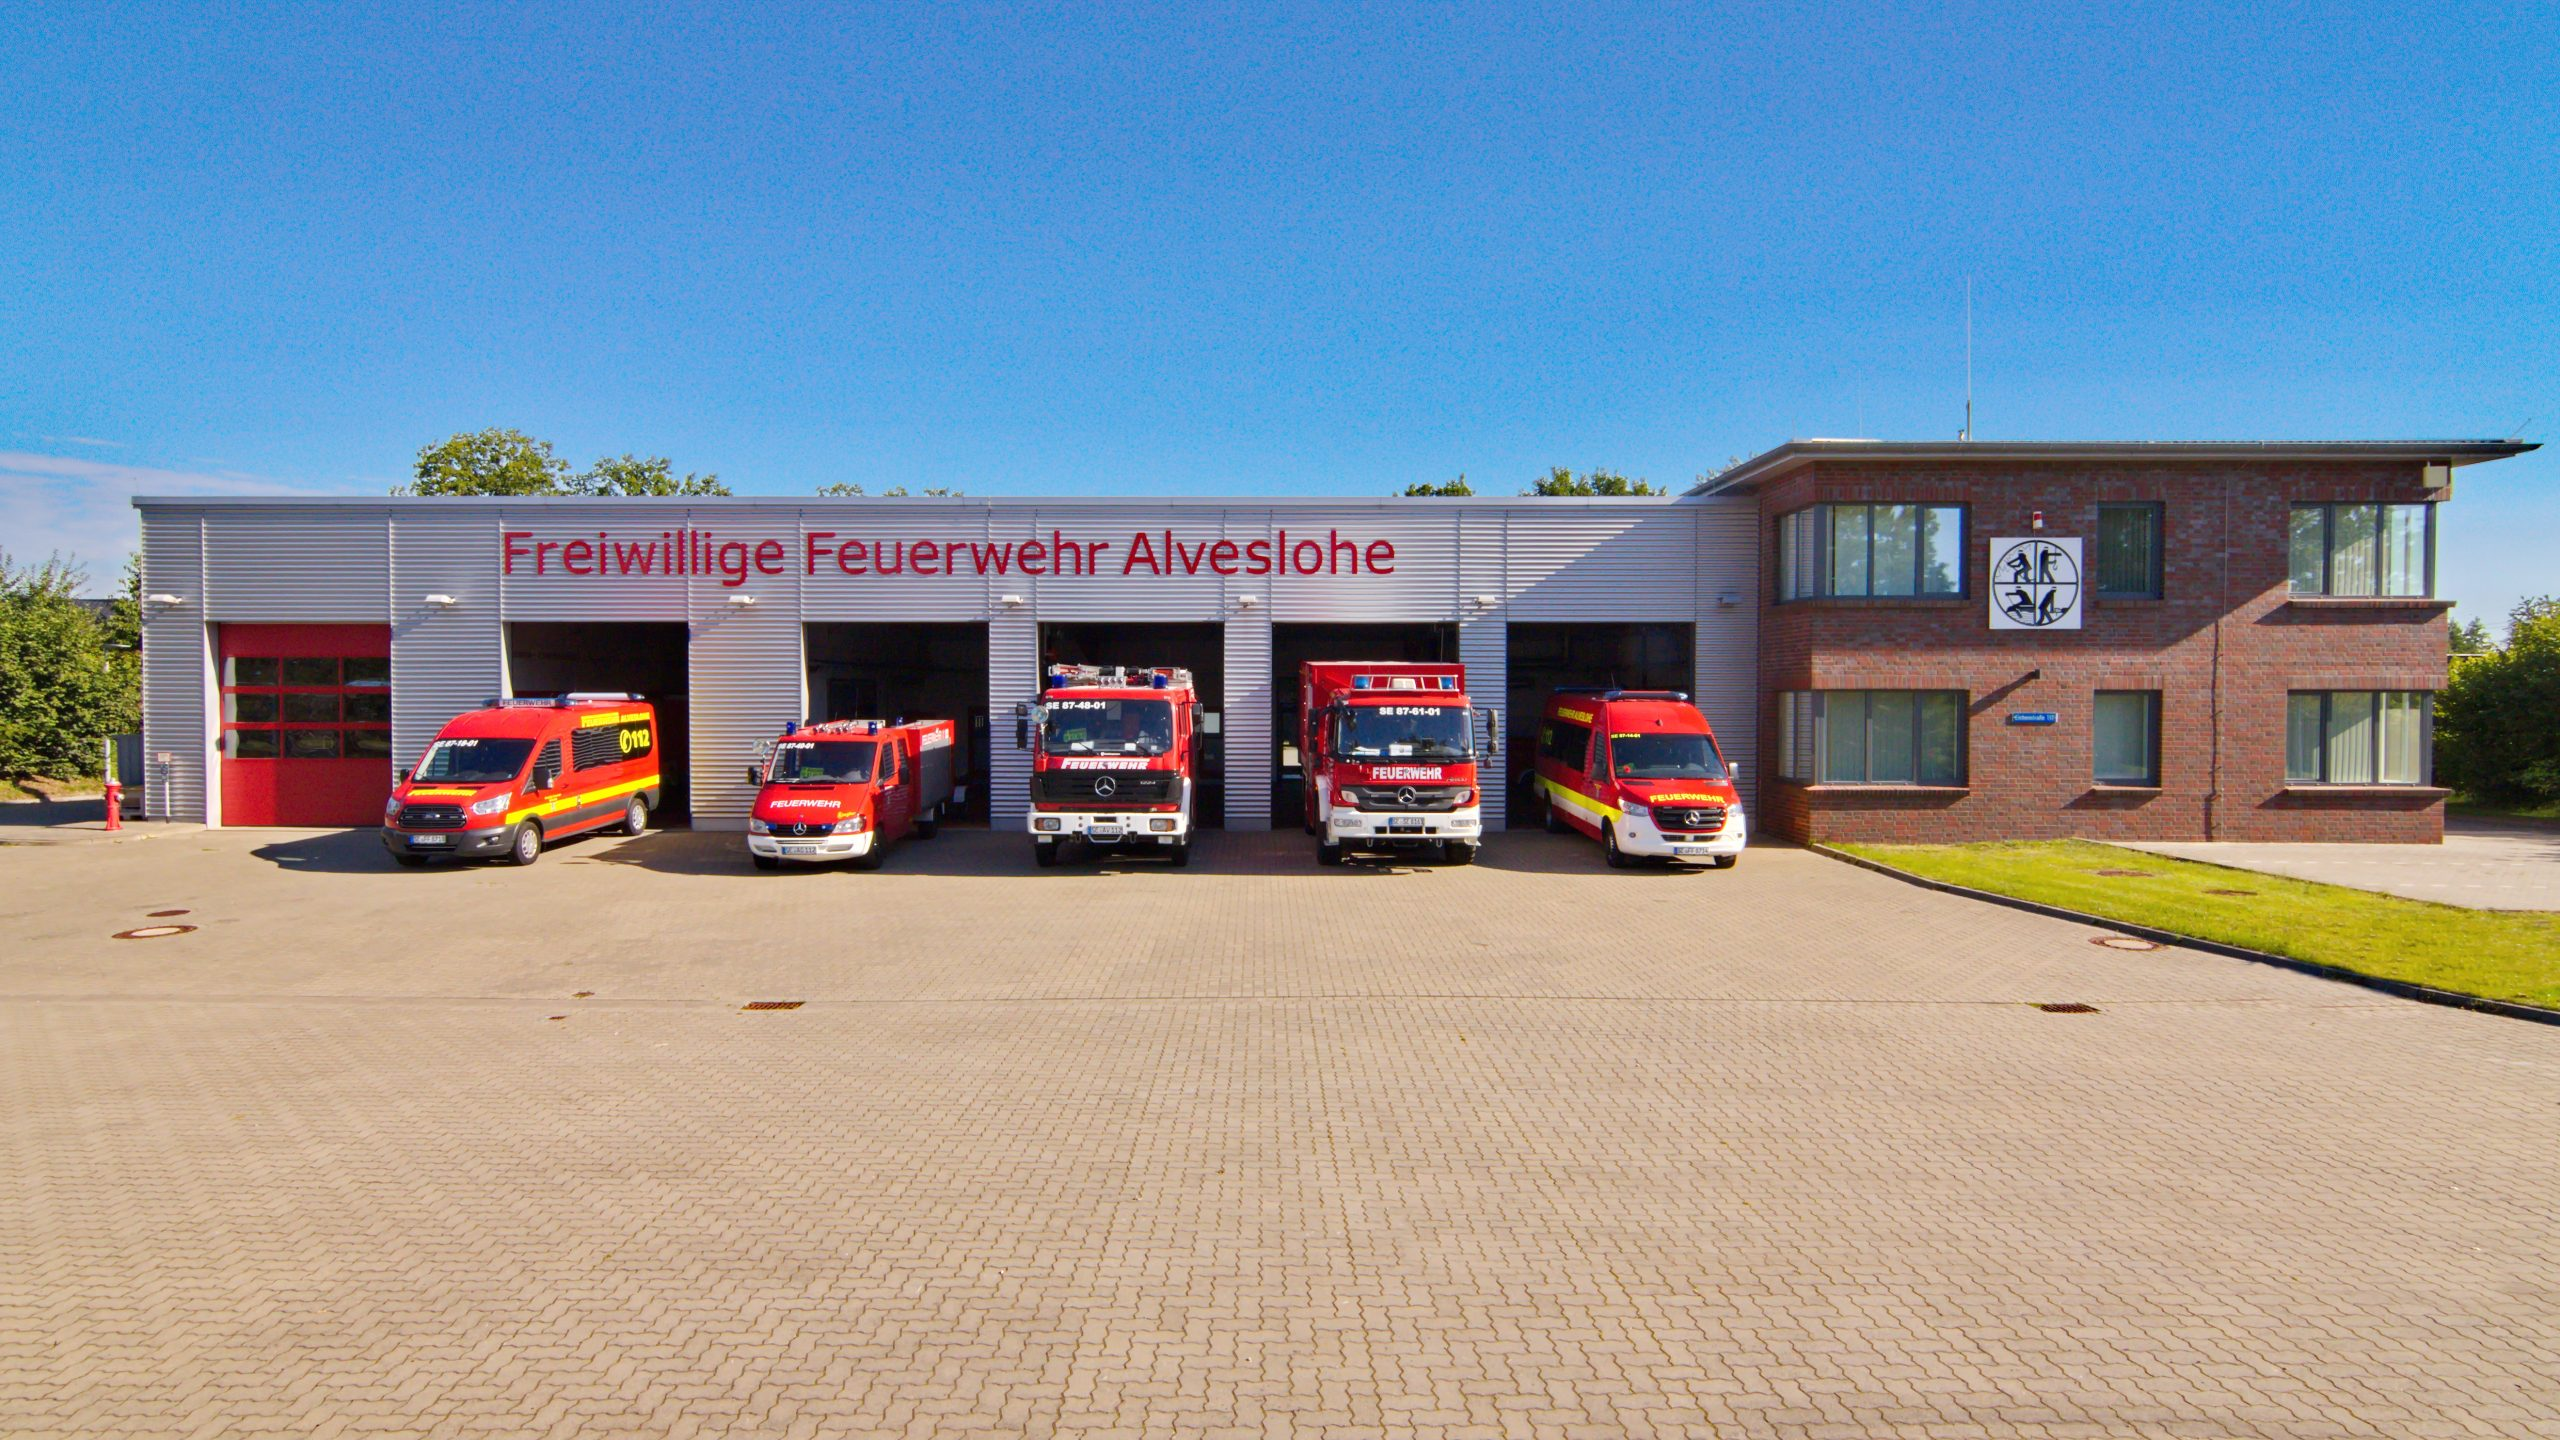 Das Feuerwehrhaus und die dazugehörigen Fahrzeuge.